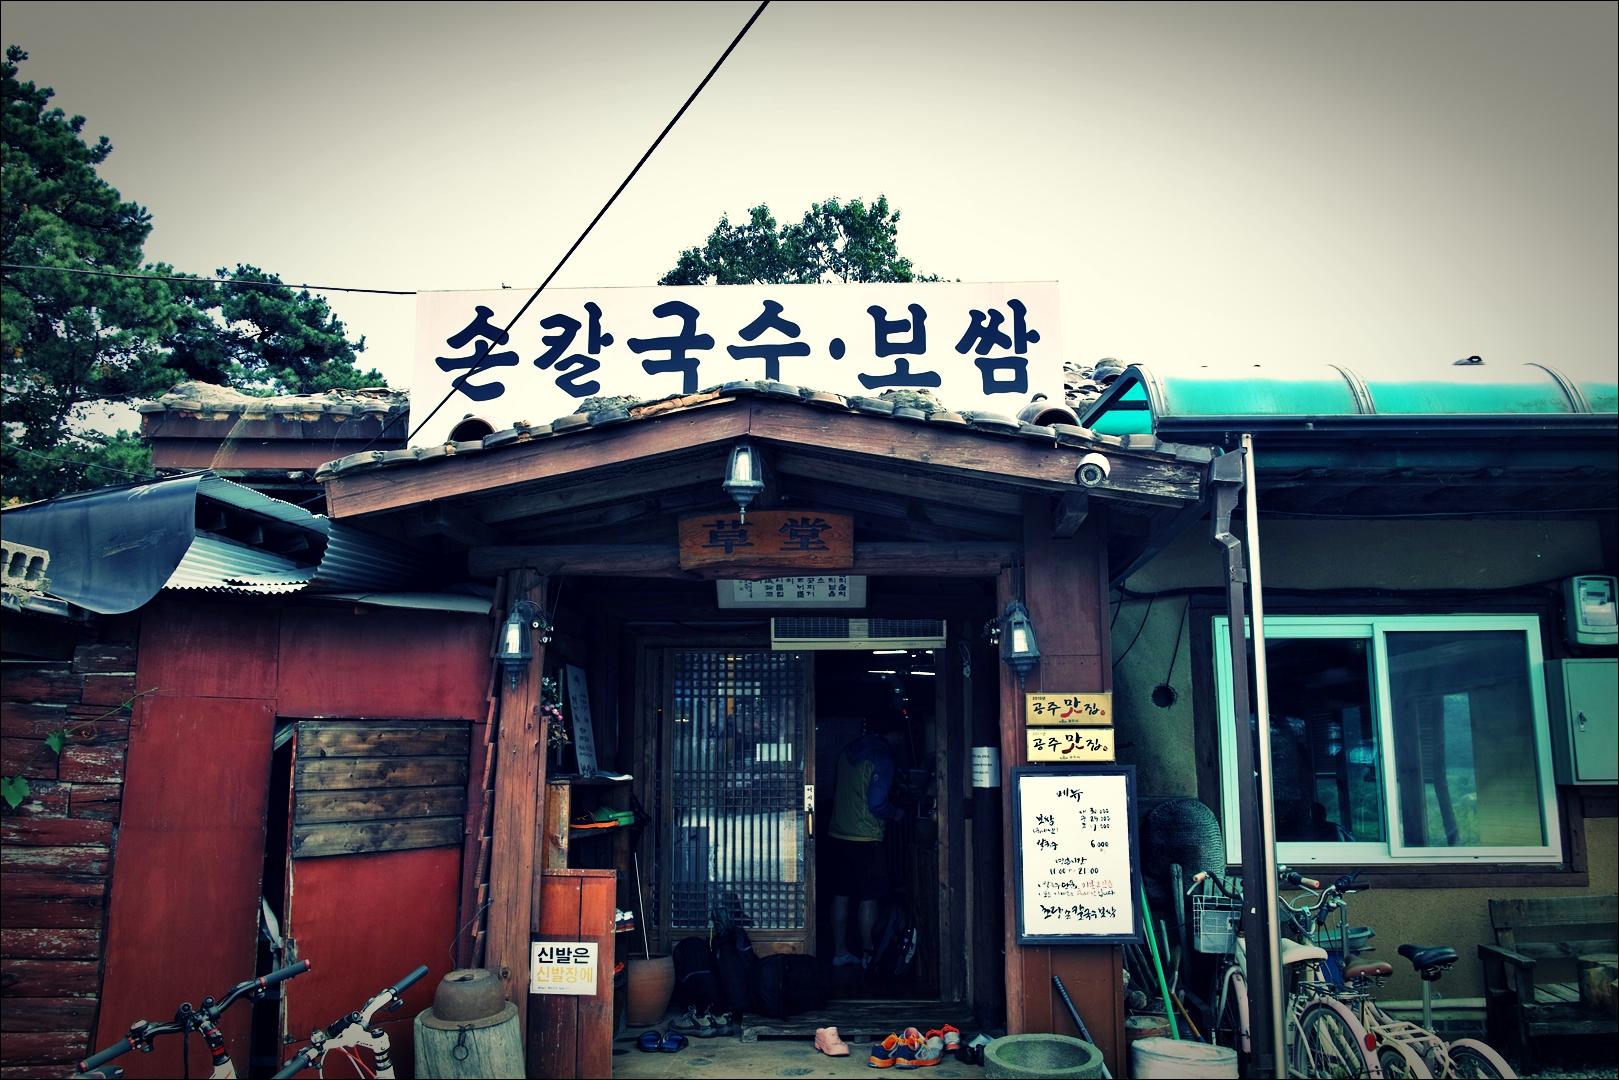 입구-'공주 초당 칼국수 Chodang Noodle Gongju'